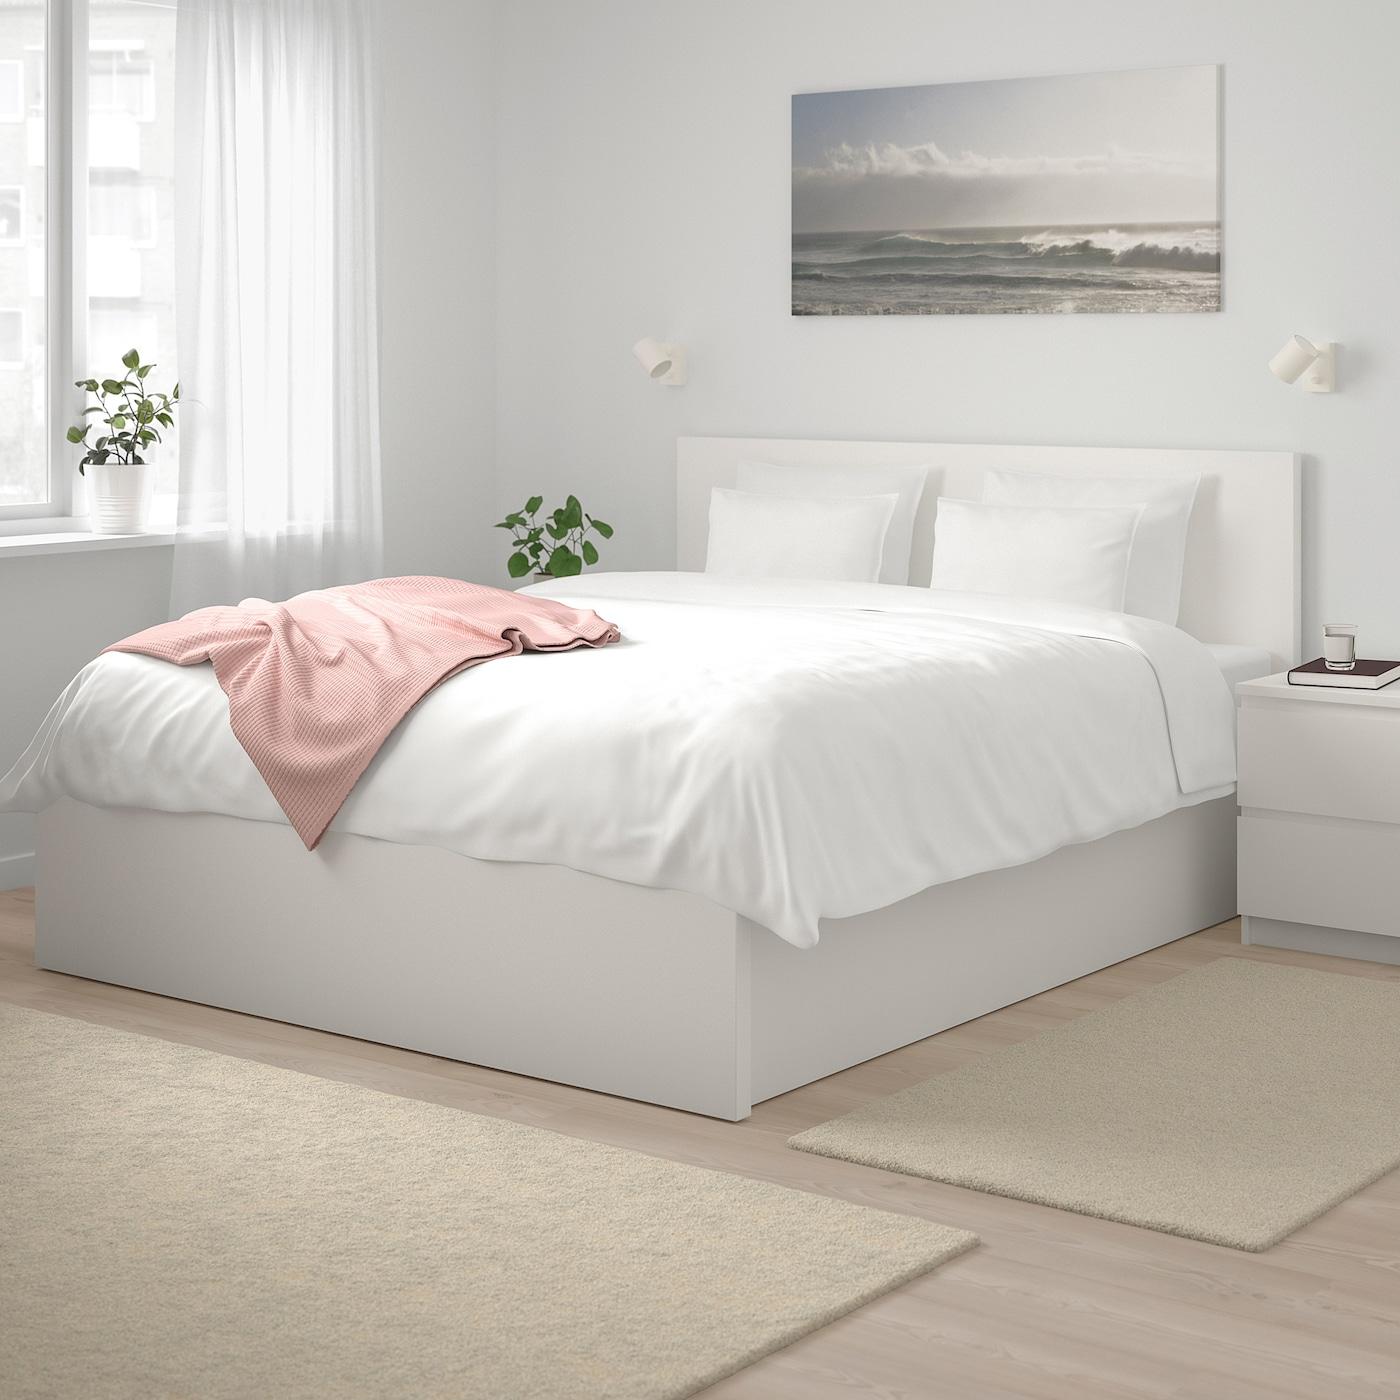 Malm Bettgestell Mit Aufbewahrung Weiss Ikea Deutschland